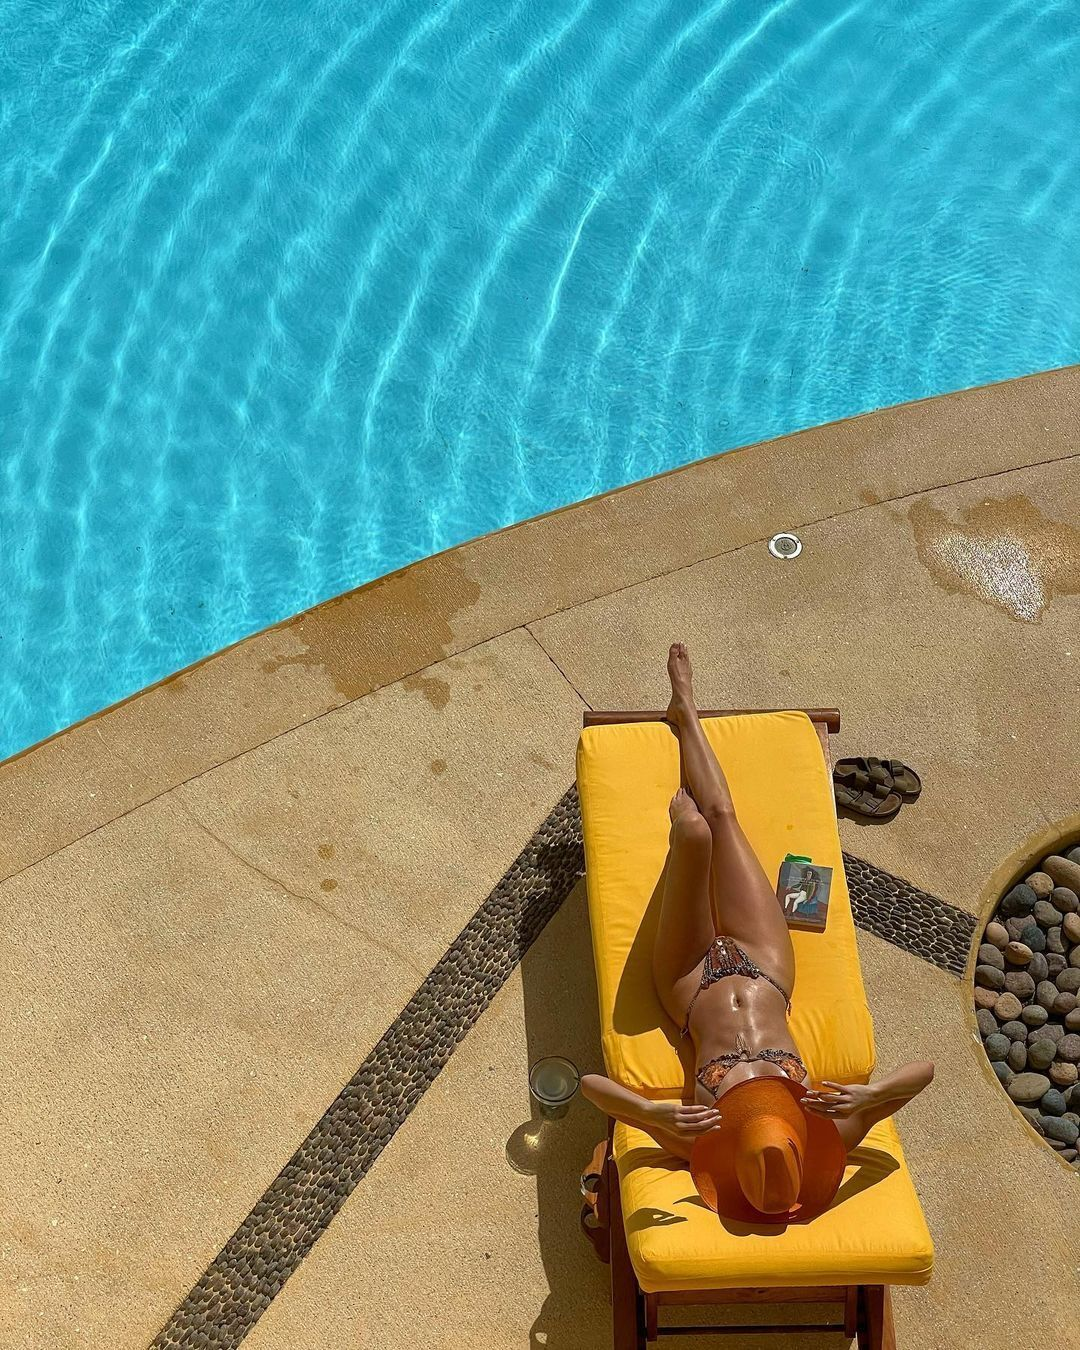 Кендалл Дженнер дремлет у бассейна на желтом шезлонге